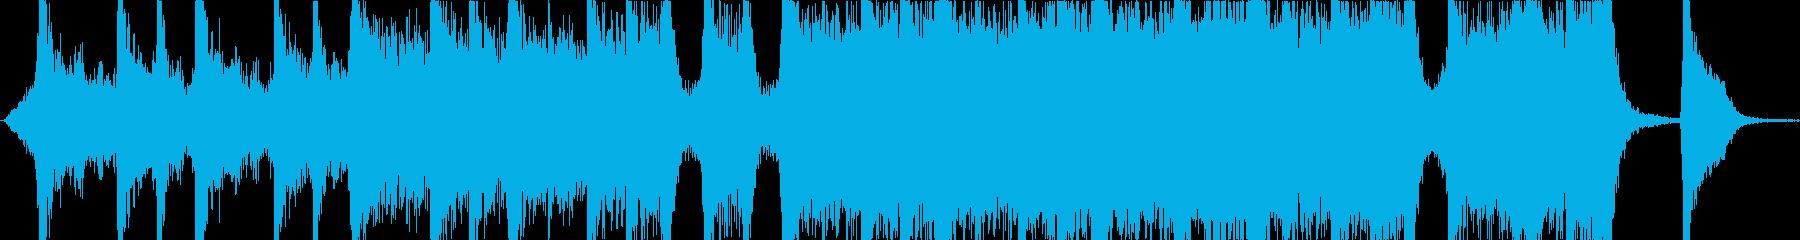 迫力あるハリウッド系オーケストトレーラーの再生済みの波形